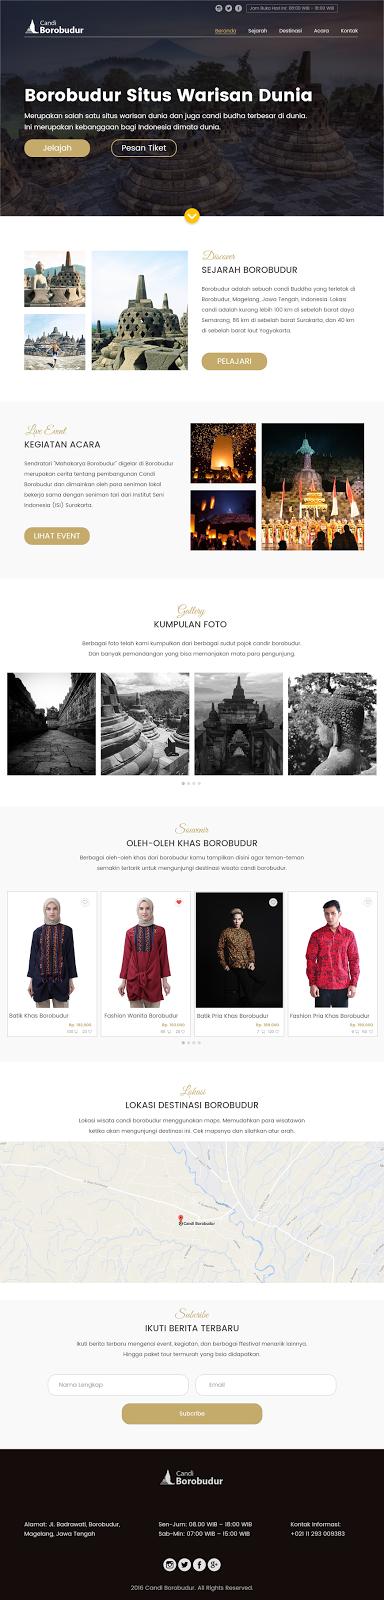 Adobe XD - Konsep Website Candi Borobudur - Ekuiva